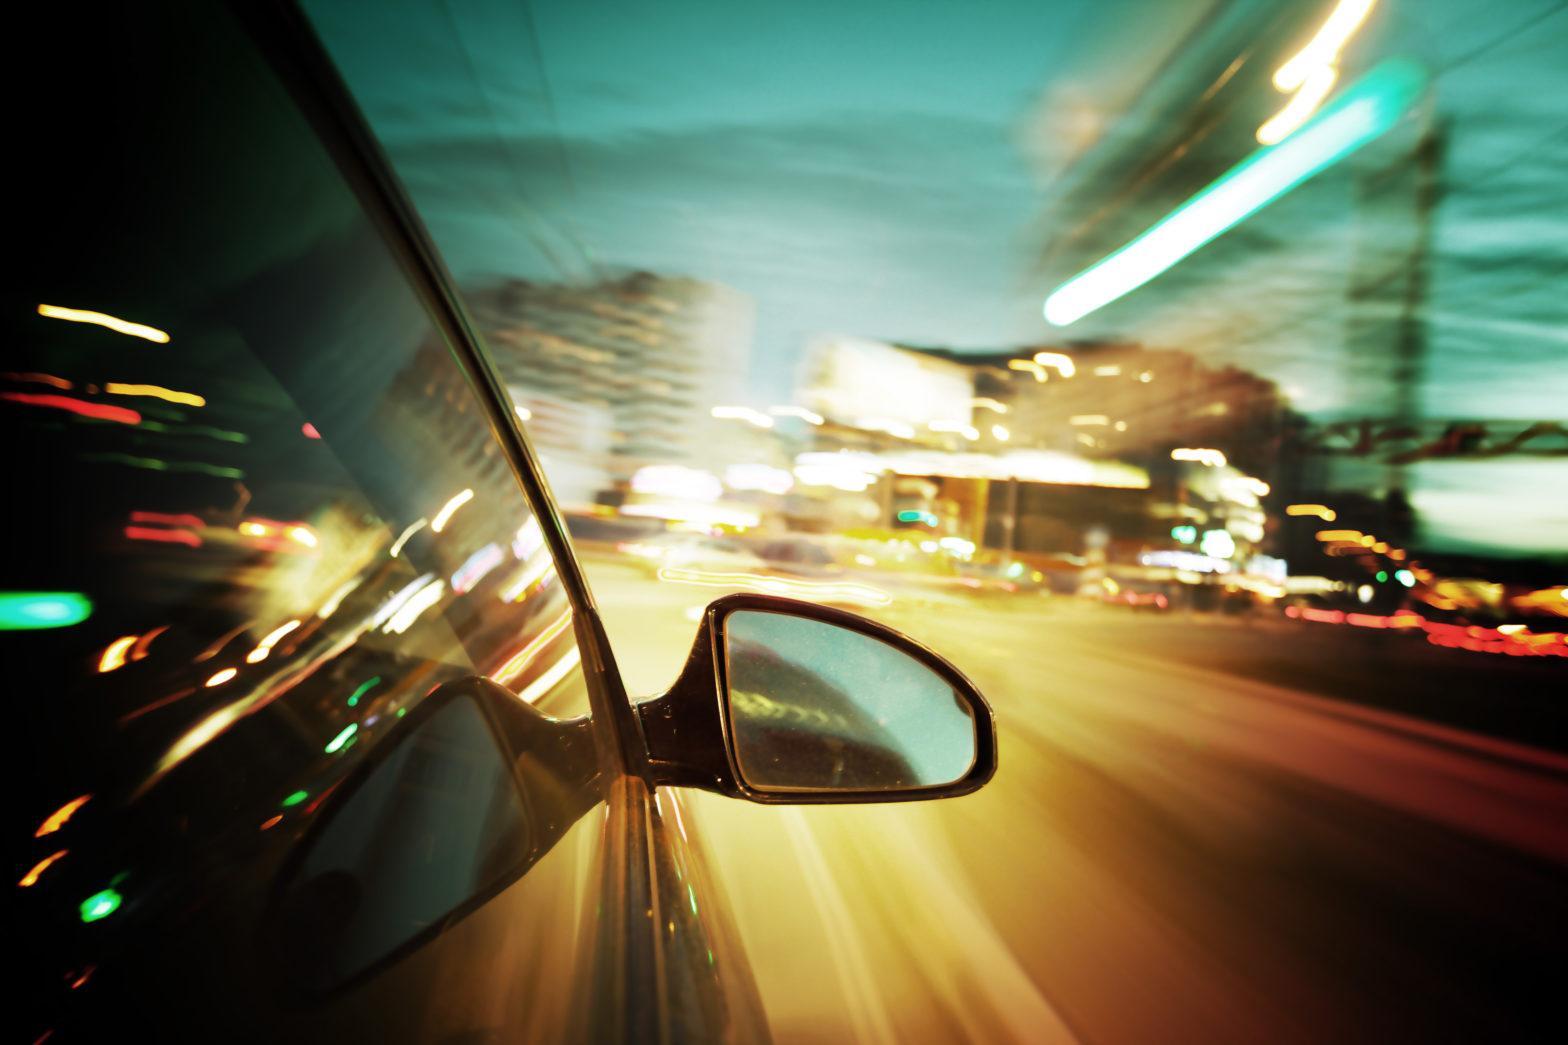 Im Fall, dass die Autobatterie nicht mehr über die notwendige Energie verfügt, hilft der Starthilfekabel, um den Wagen zu starten.